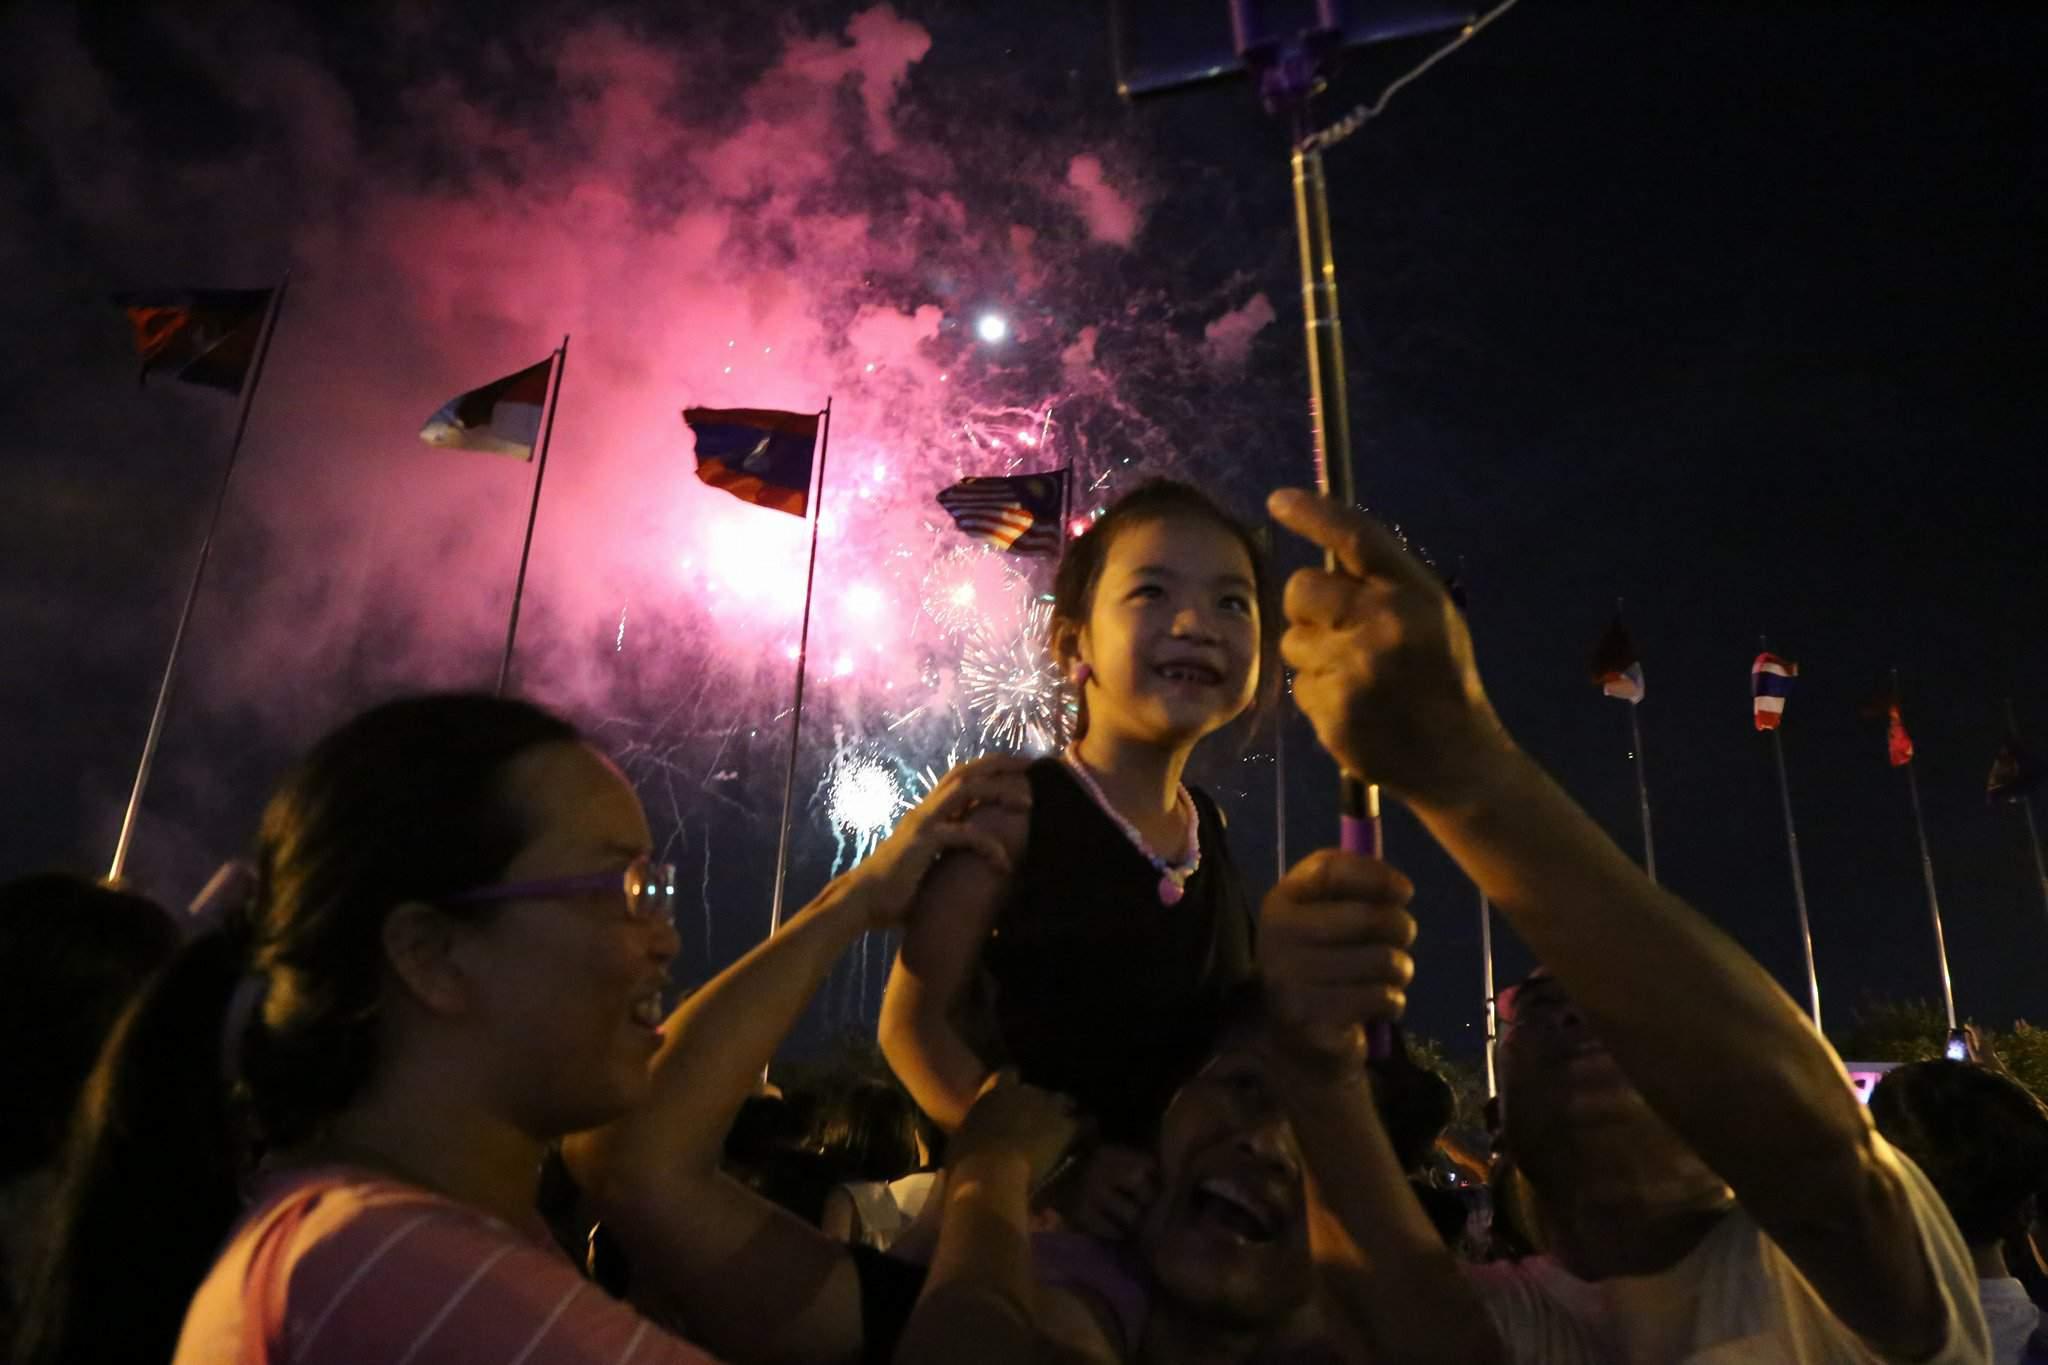 Pháo hoa rực sáng trên bầu trời Sài Gòn mừng lễ 30/4-13